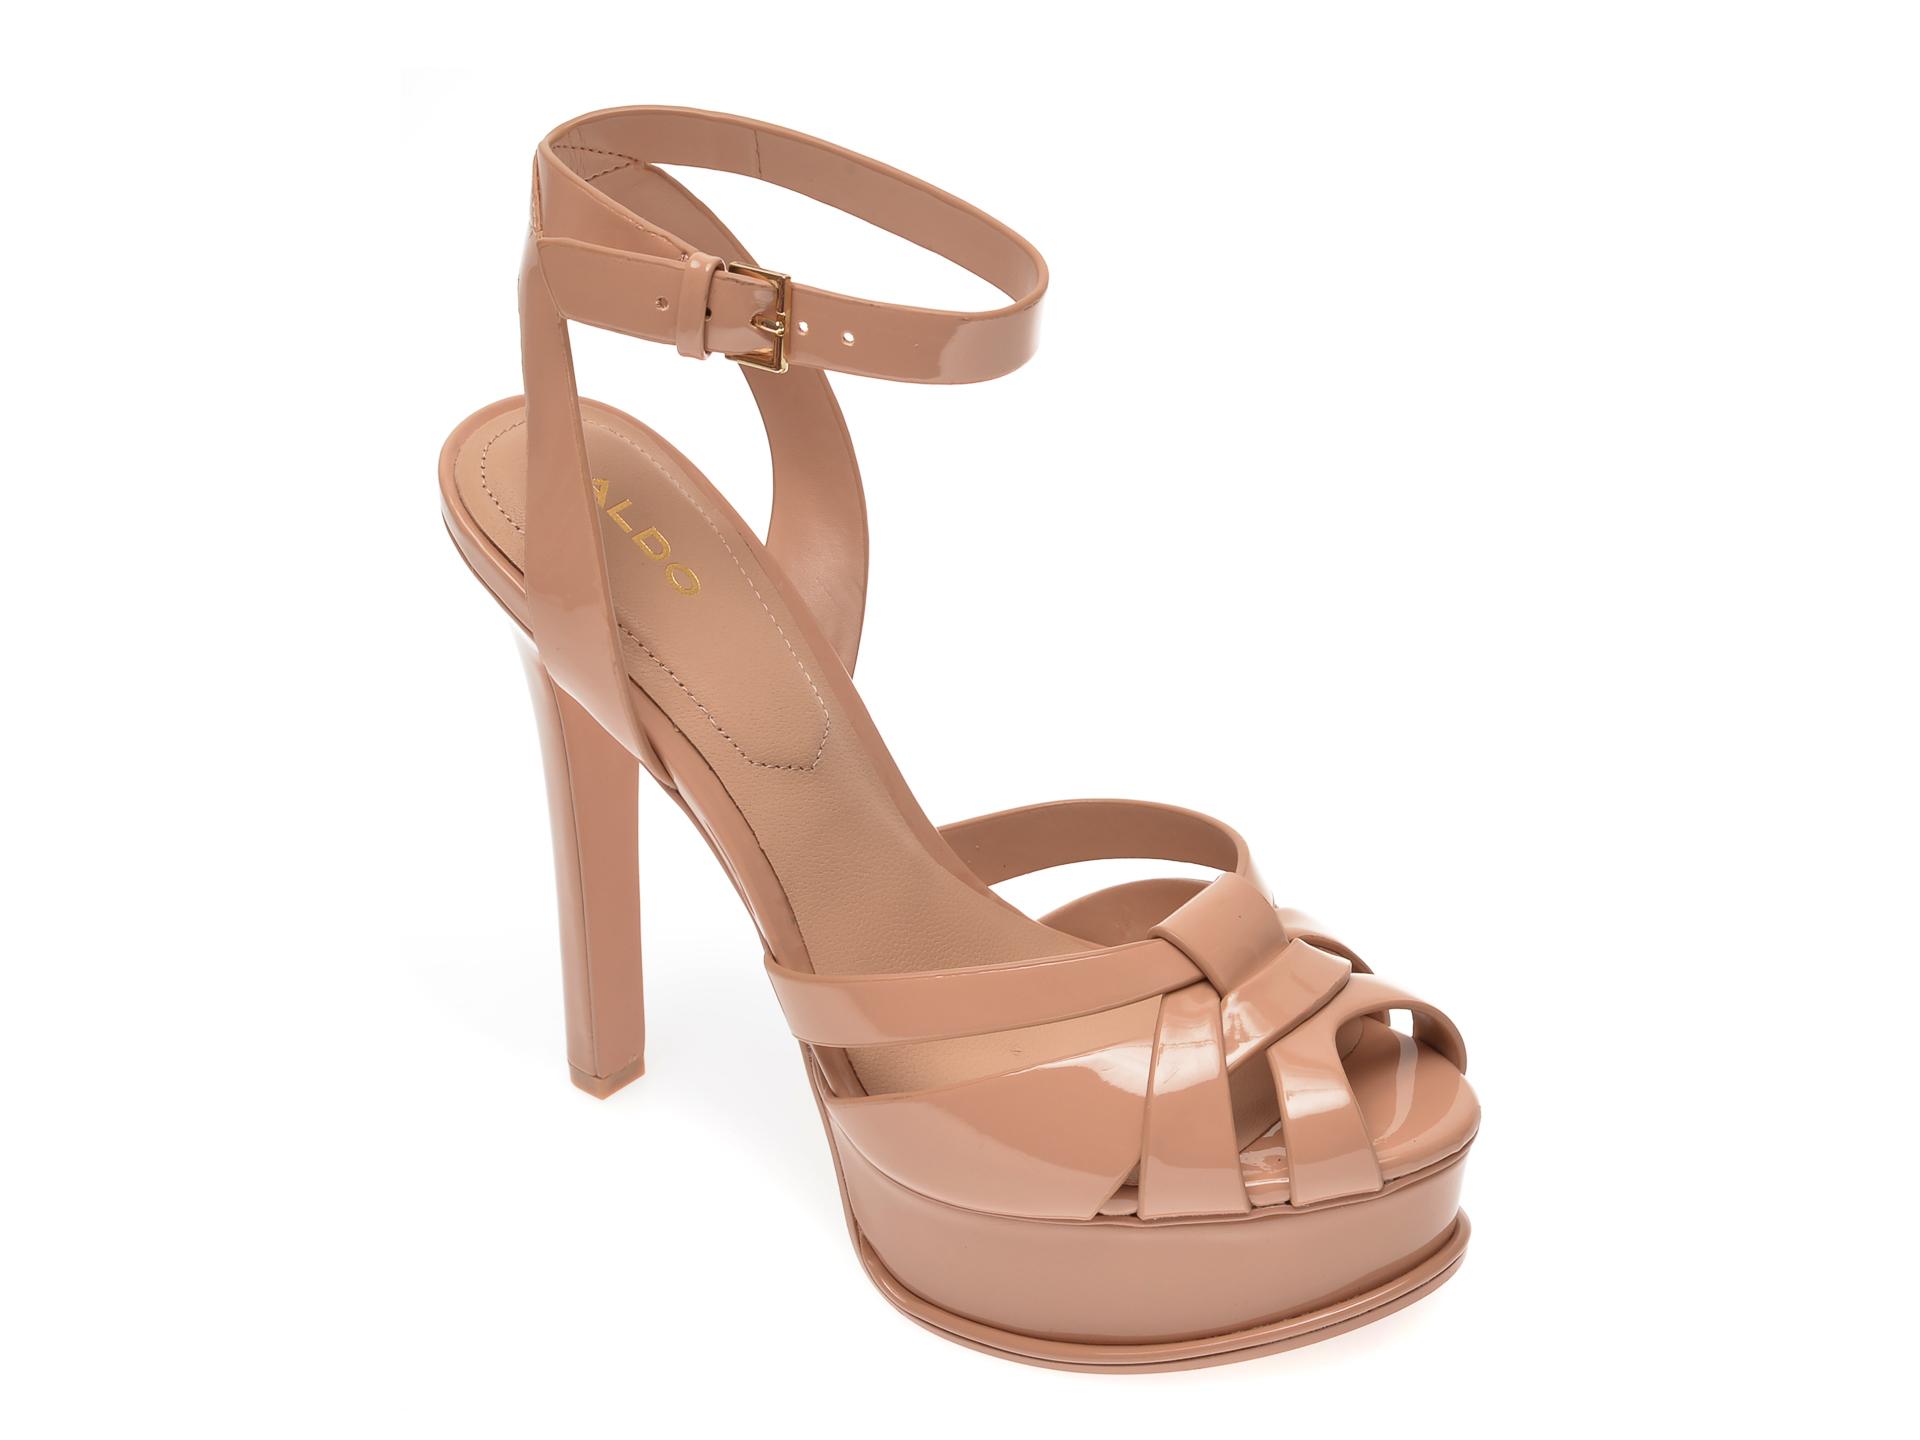 Sandale ALDO nude, Lacla270, din piele ecologica